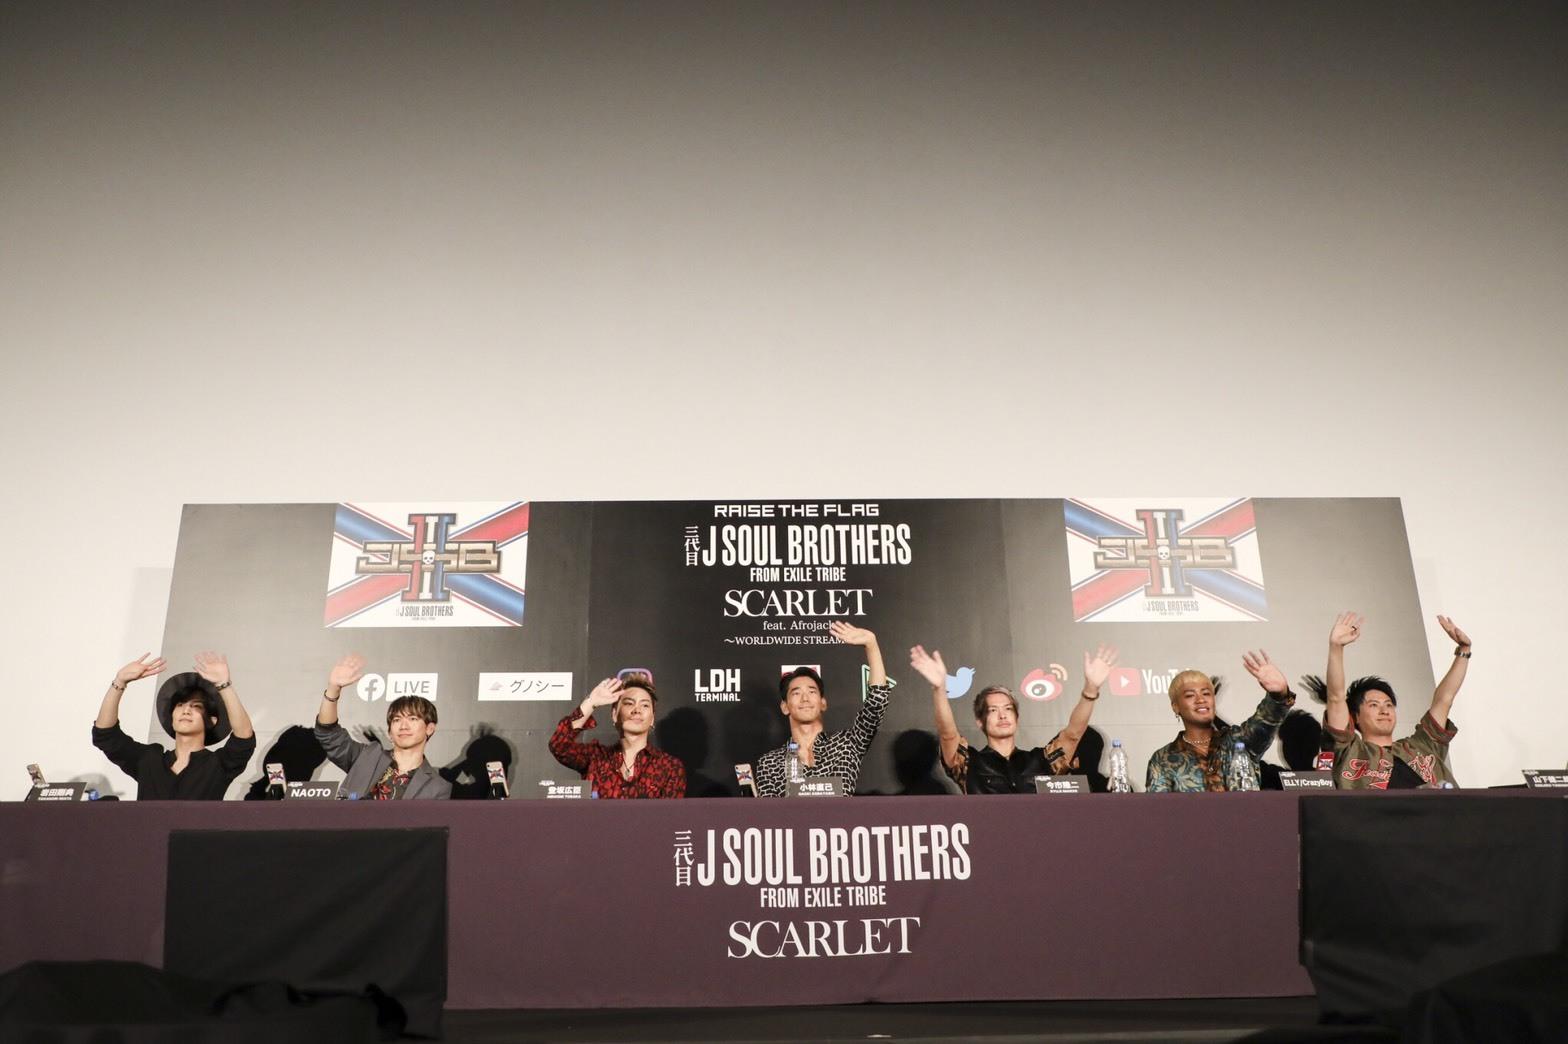 三代目 J SOUL BROTHERS「SCARLET feat. Afrojack」世界配信のようす